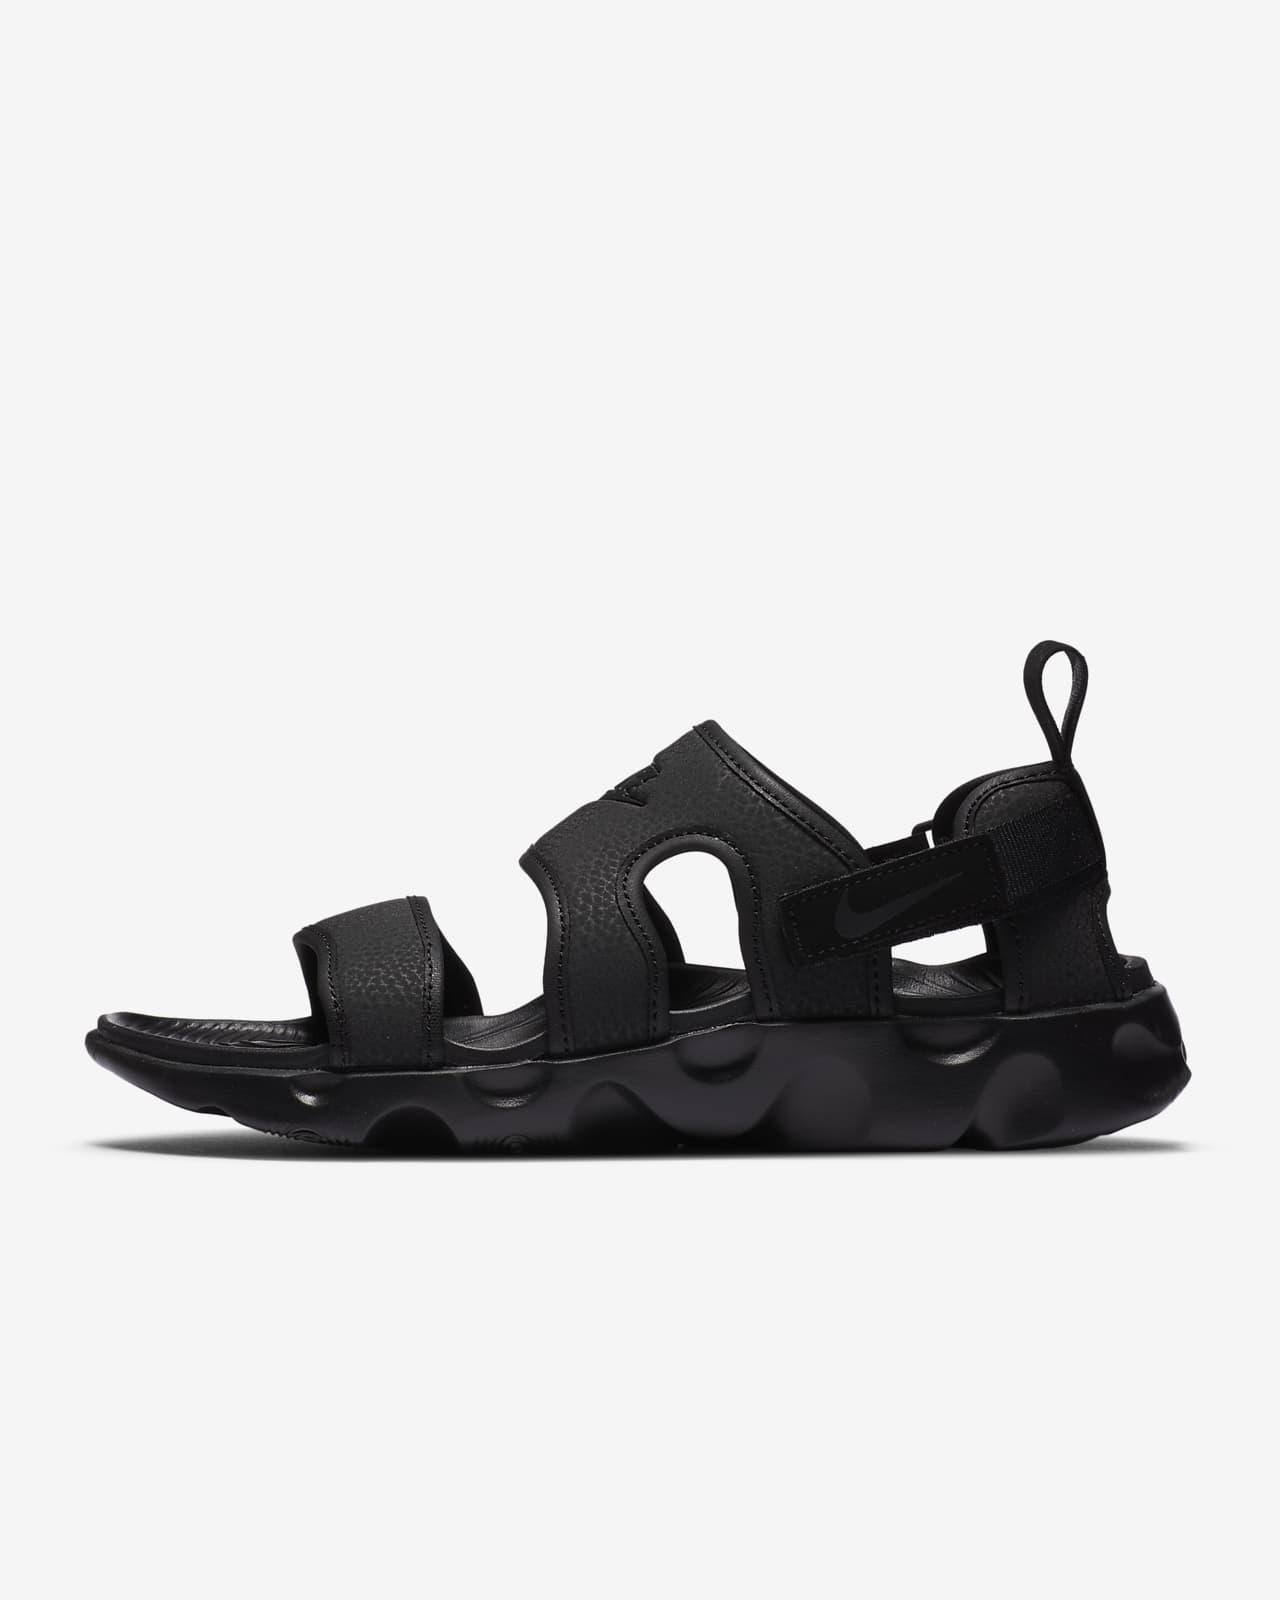 Nike Owaysis Sandàlies - Dona